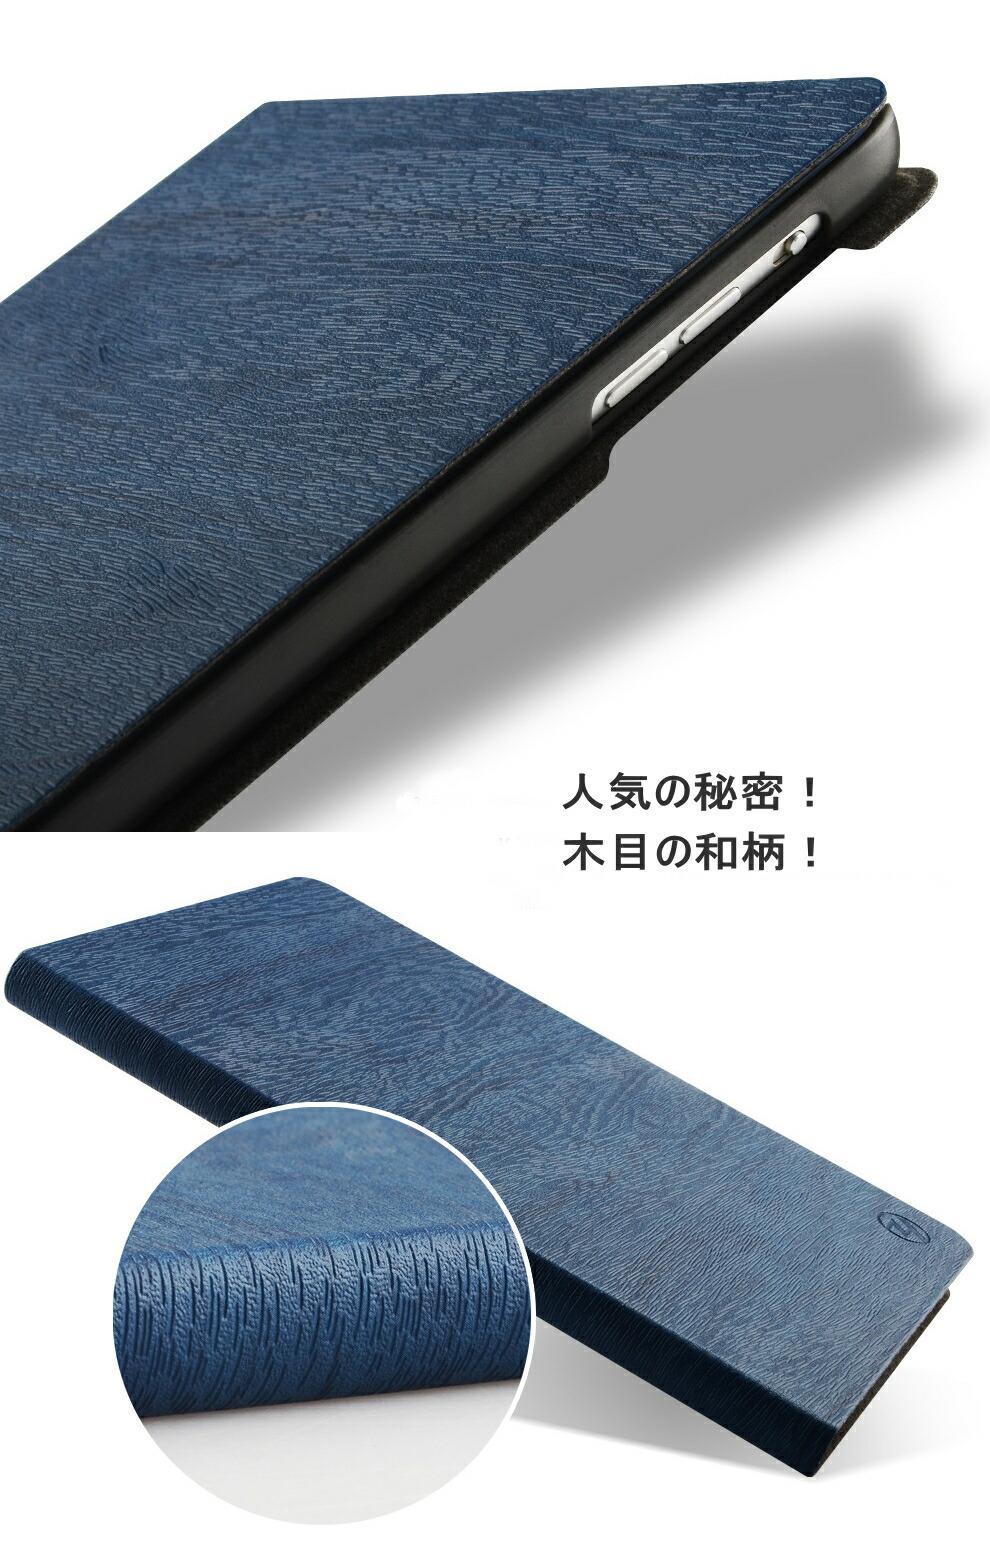 ipad ケース ipad 第6世代 ケース ipad6 ipad5 手帳型